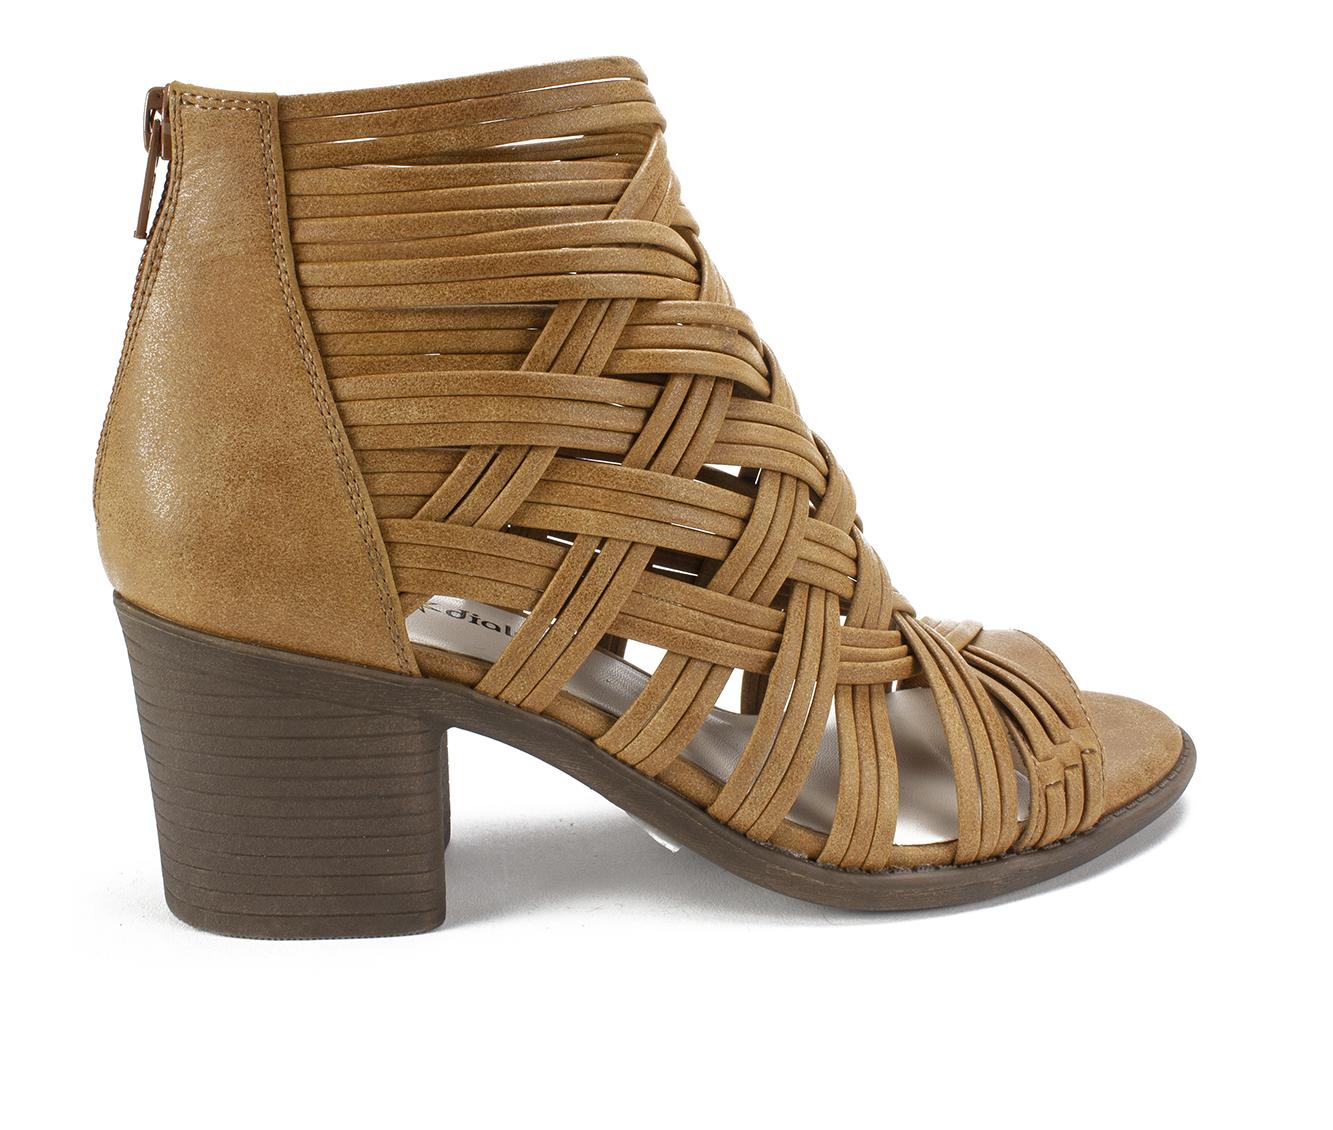 Seven Dials Brixton Women's Dress Shoe (Beige Faux Leather)